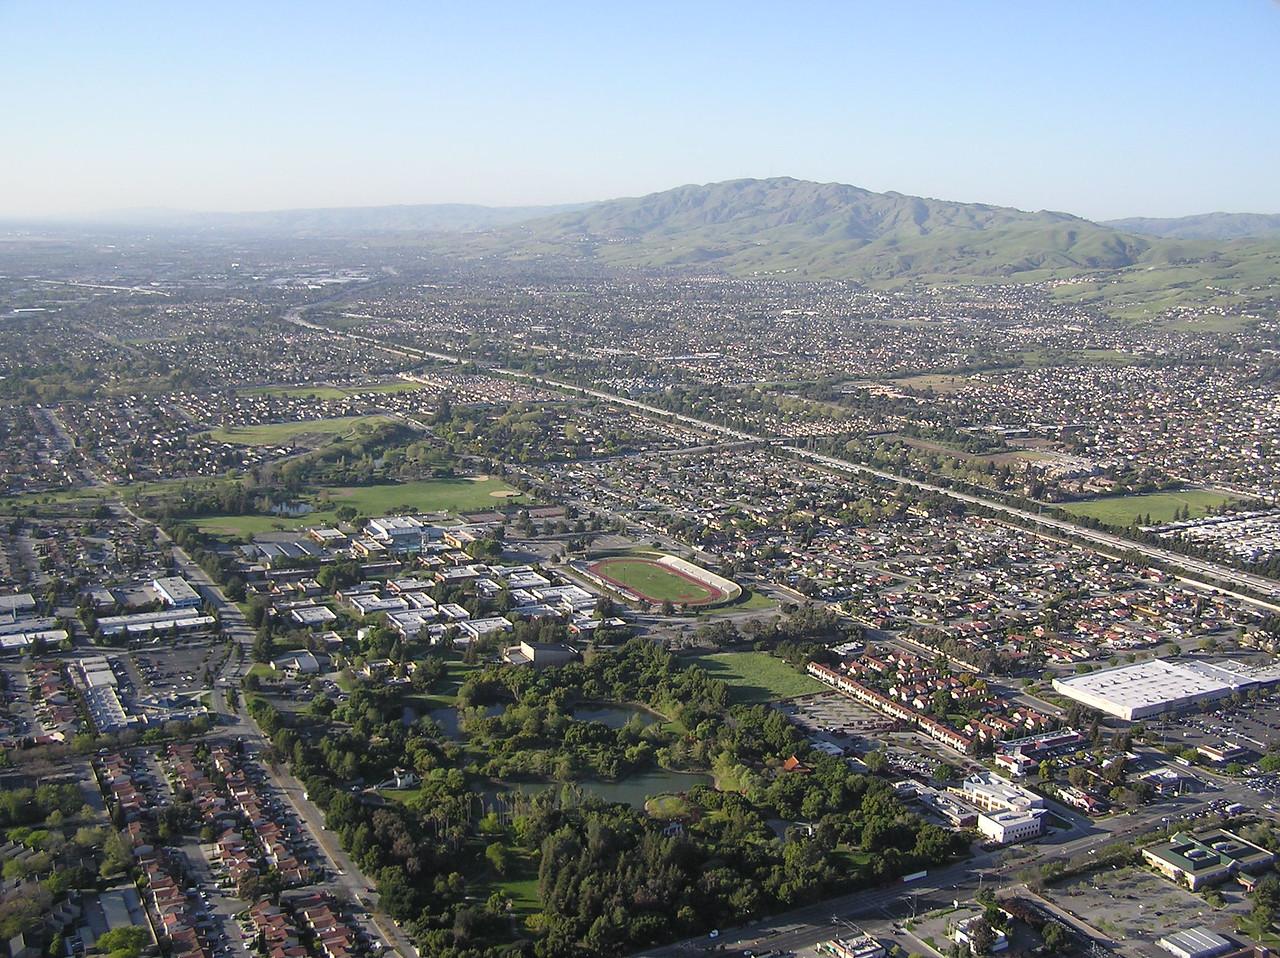 North San Jose, Mission Peak